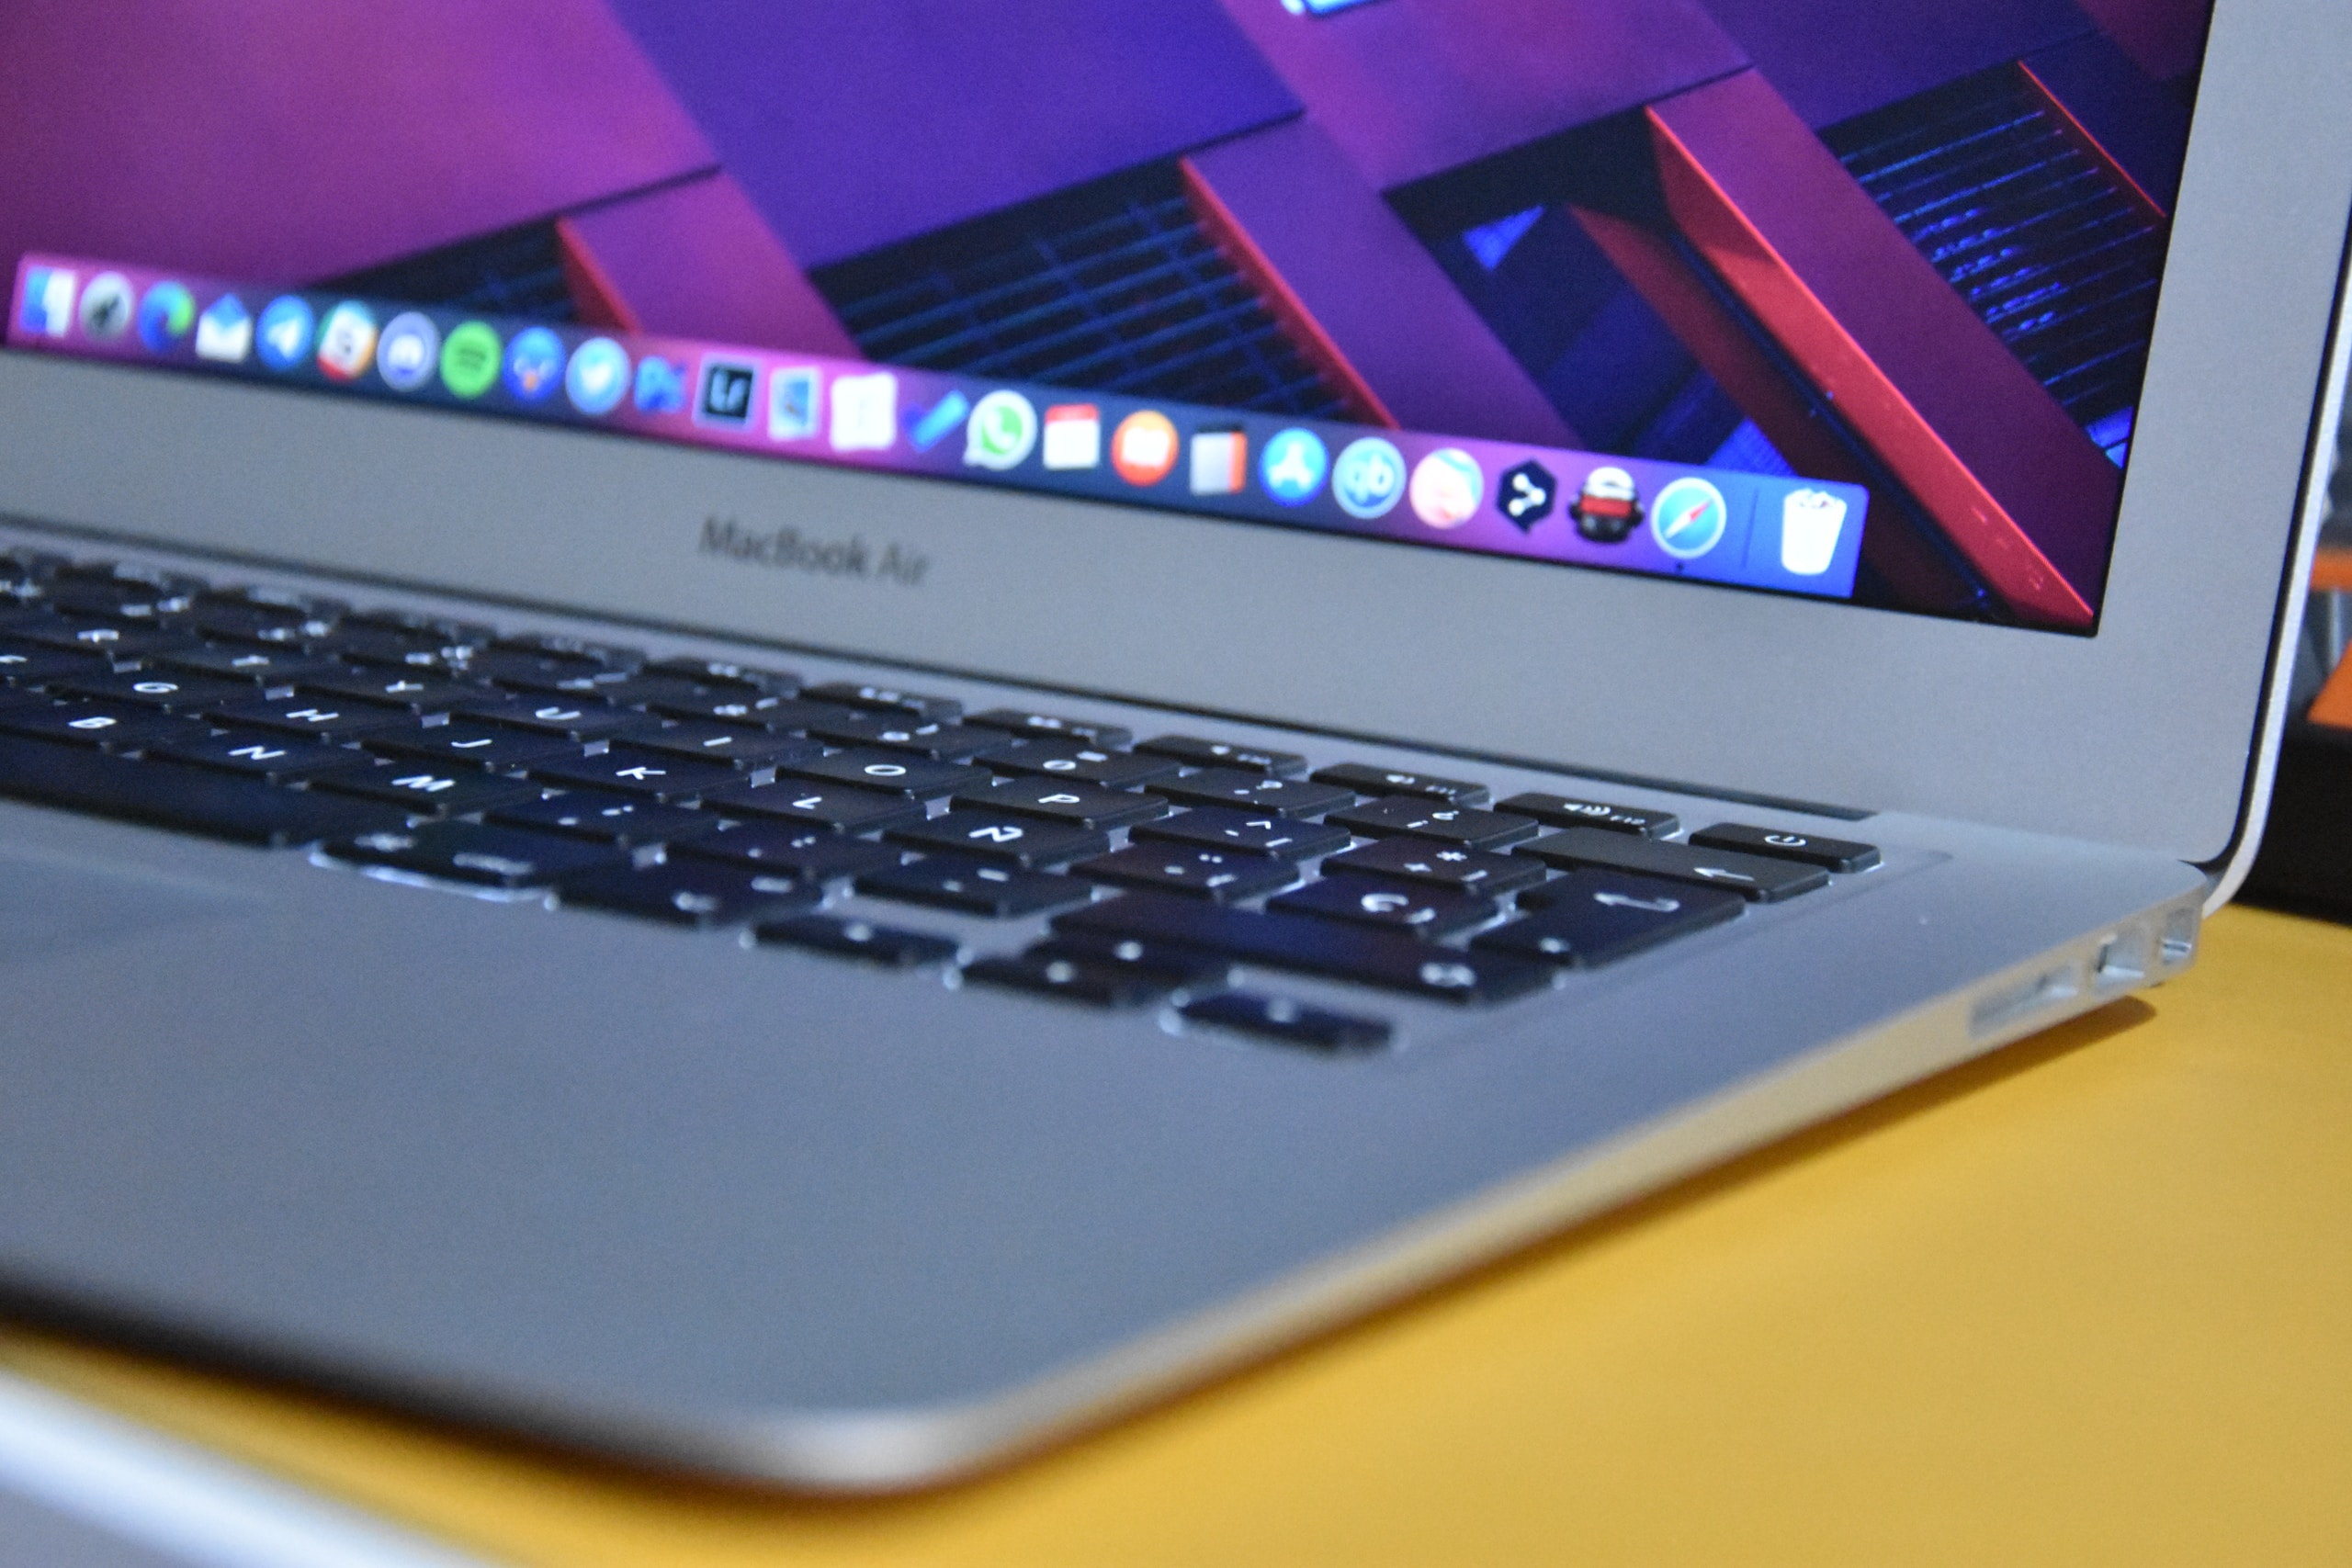 La app de Notas de iOS 15 y macOS Monterey tendrá funciones incompatibles con sistemas operativos antiguos